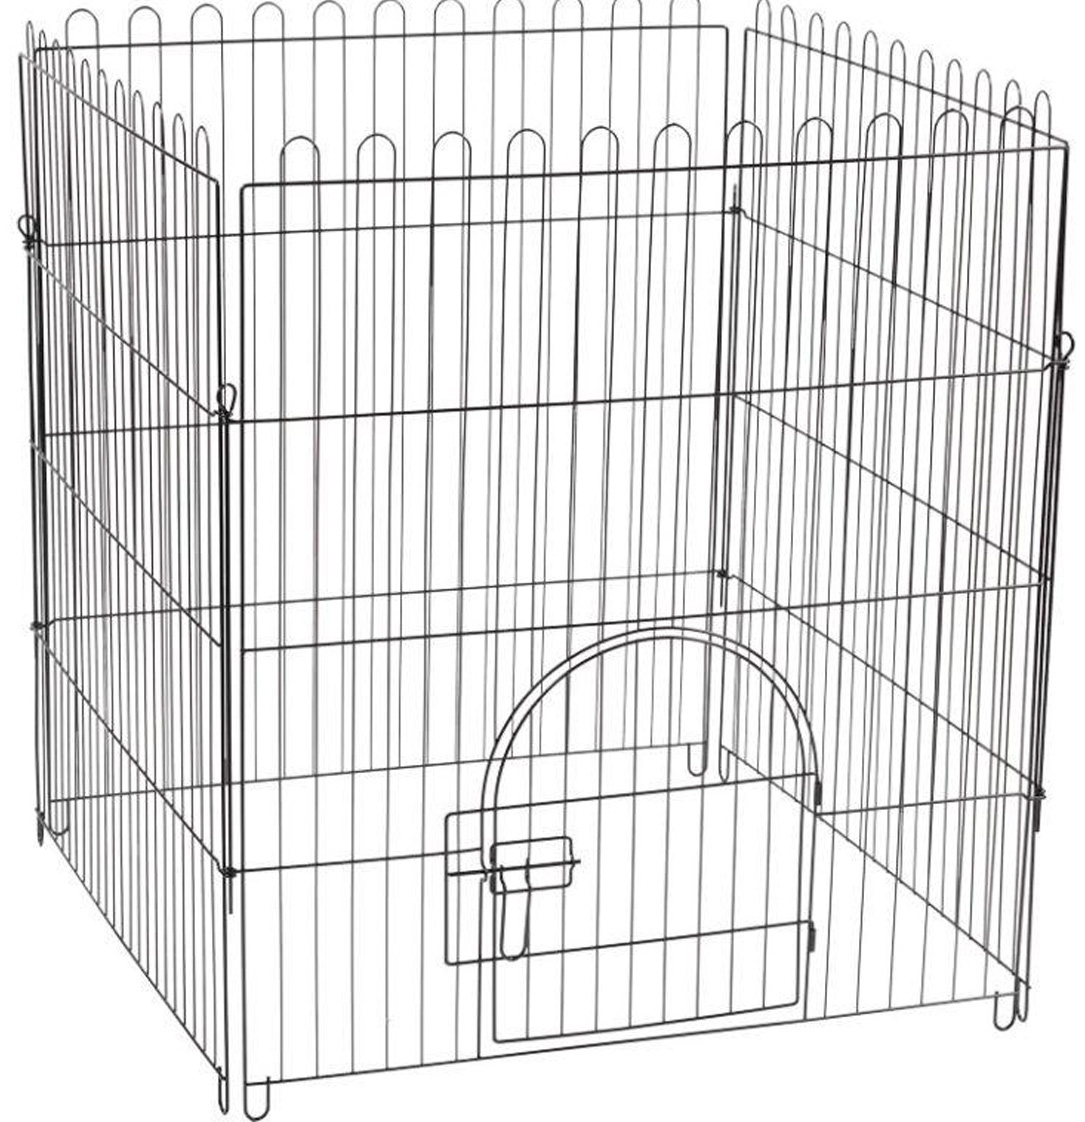 Клетка-вольер для животных Triol K2 4 секции эмаль 84 х 95 см (1 шт)